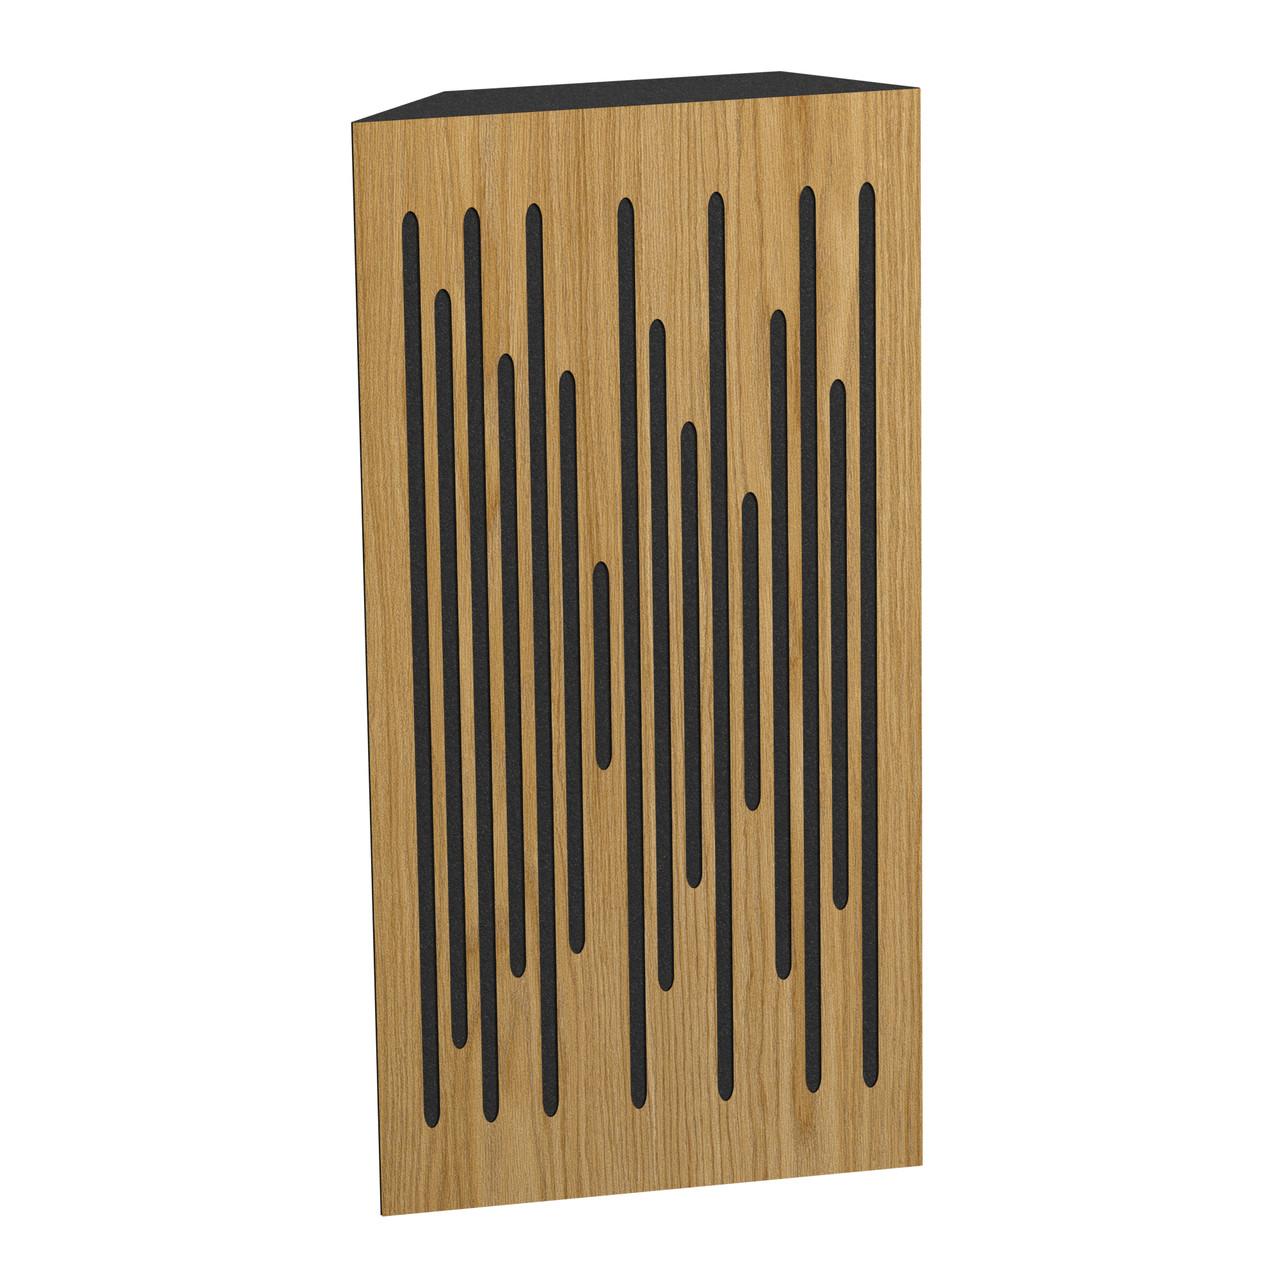 Бас ловушка Ecosound Bass trap Ecowave wood 1000х500х100 цвет шервуд